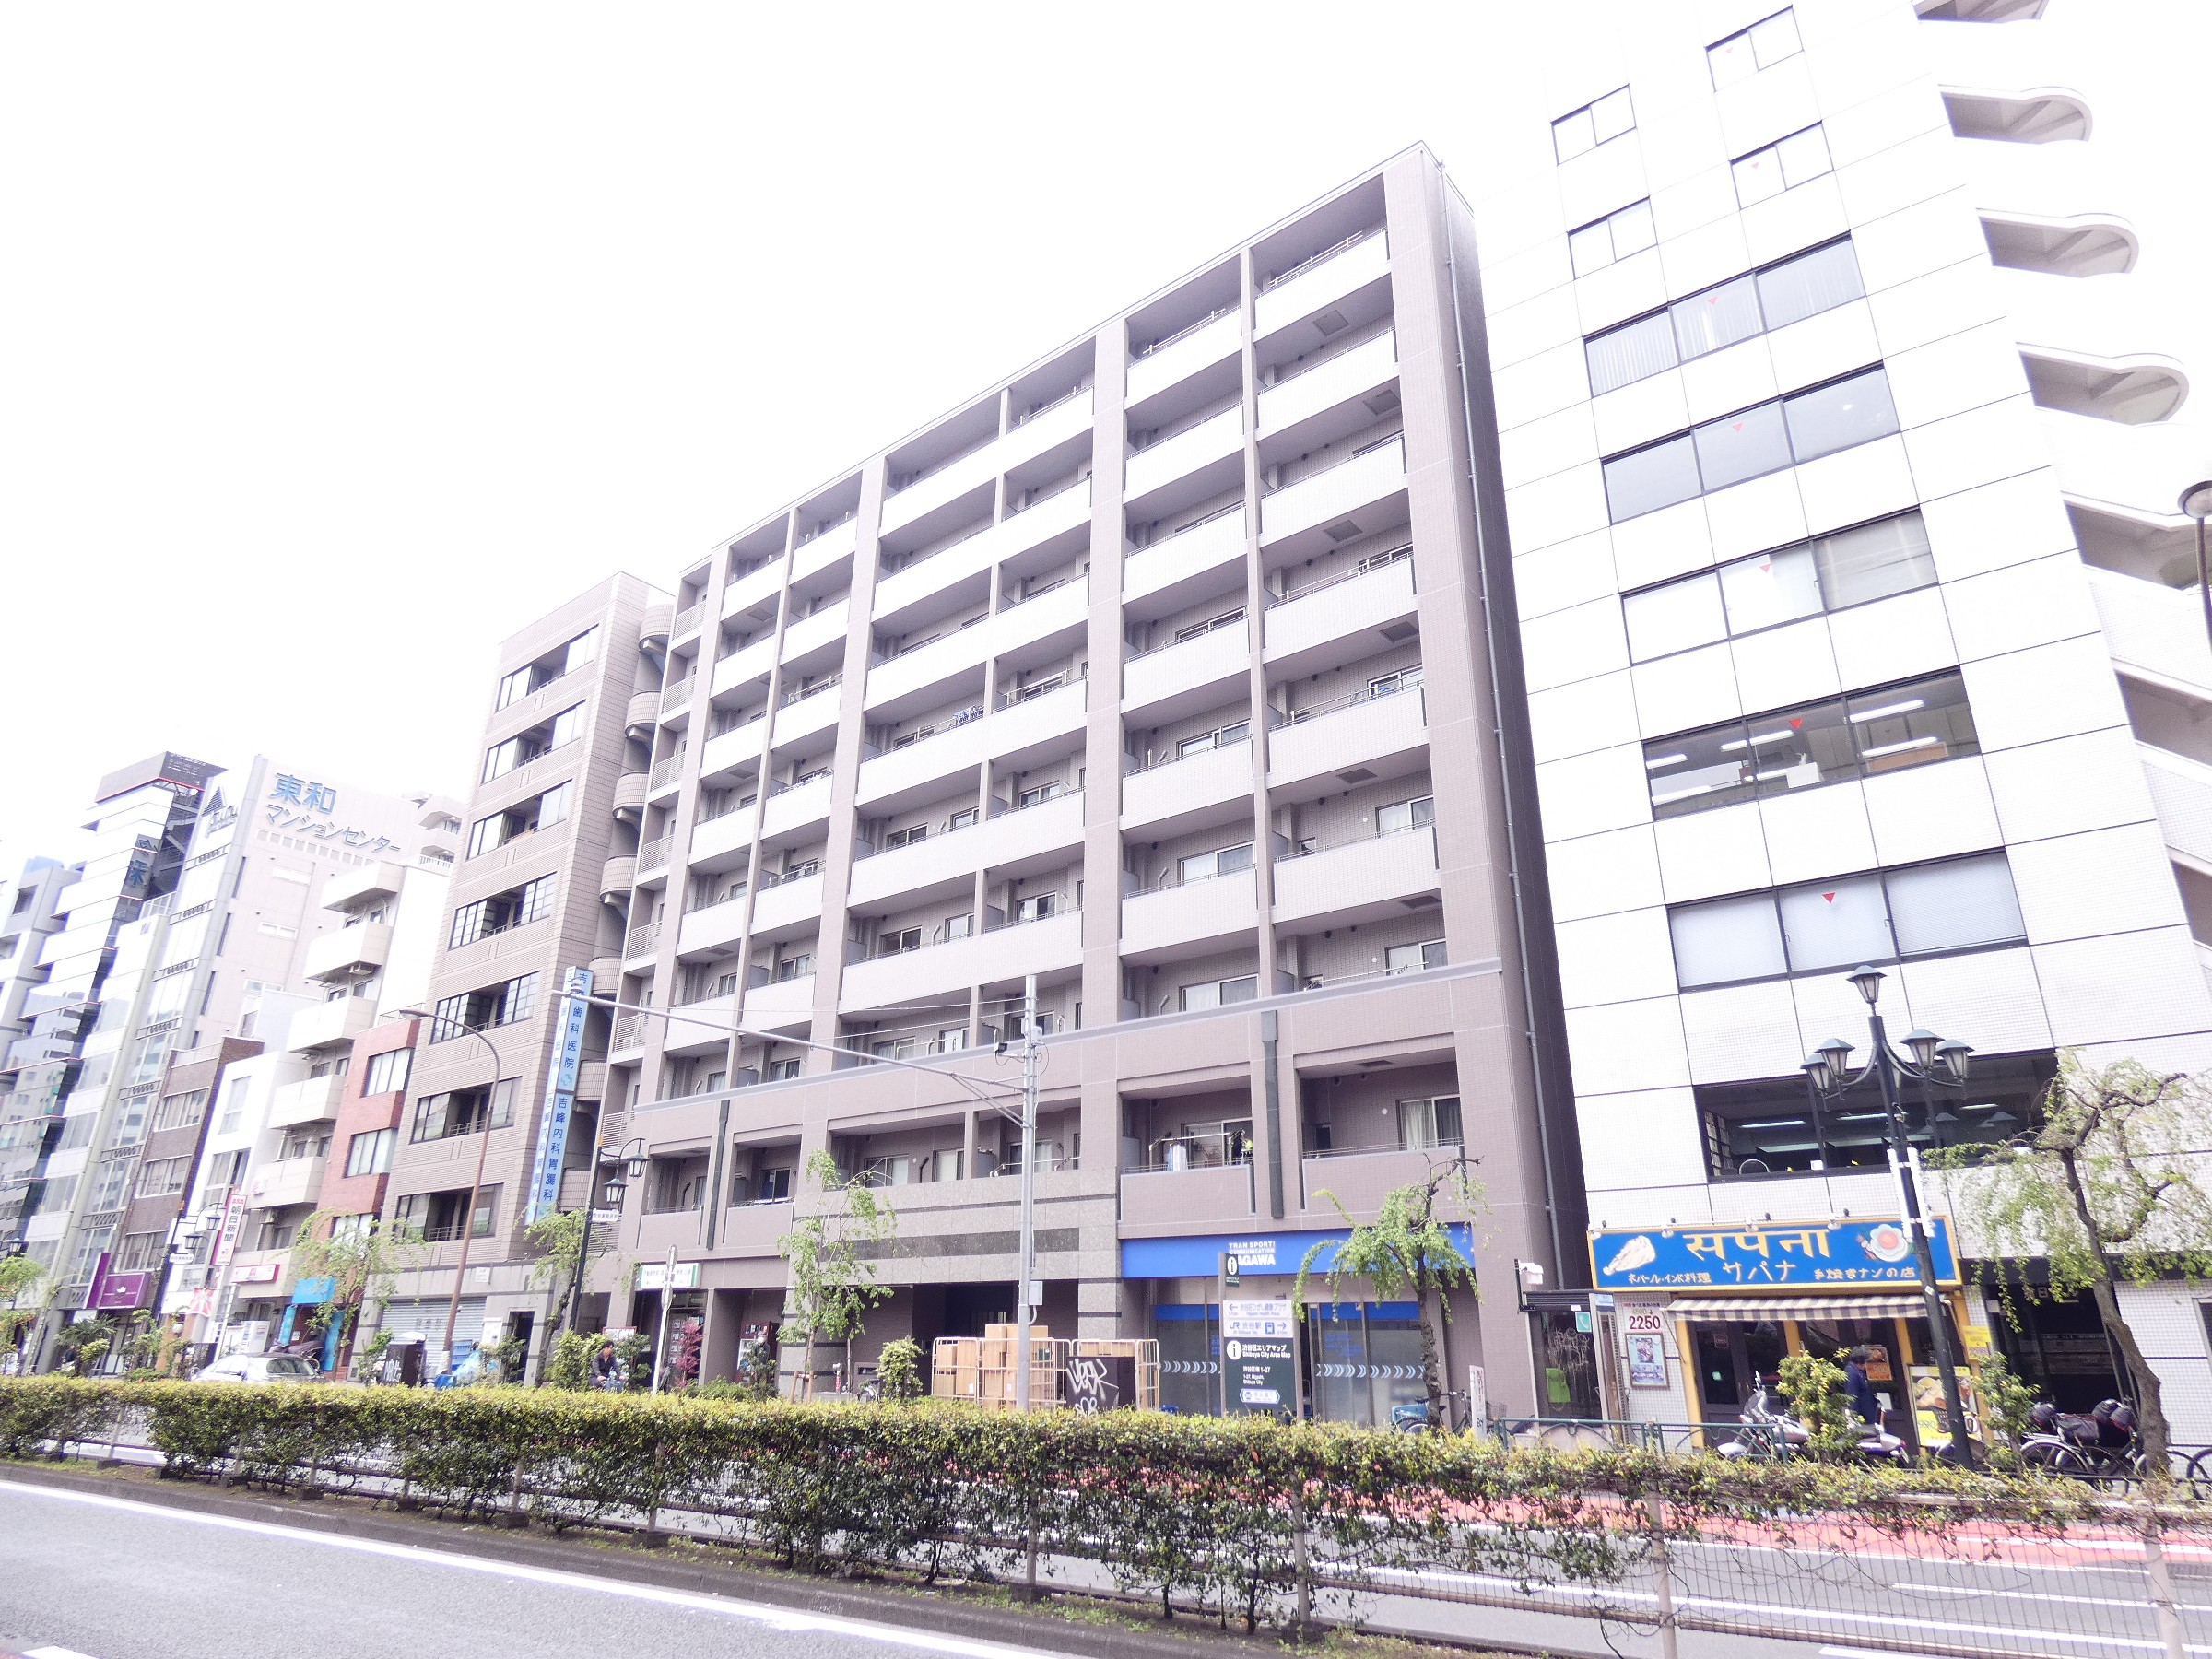 パークフラッツ渋谷代官山の建物写真その他2